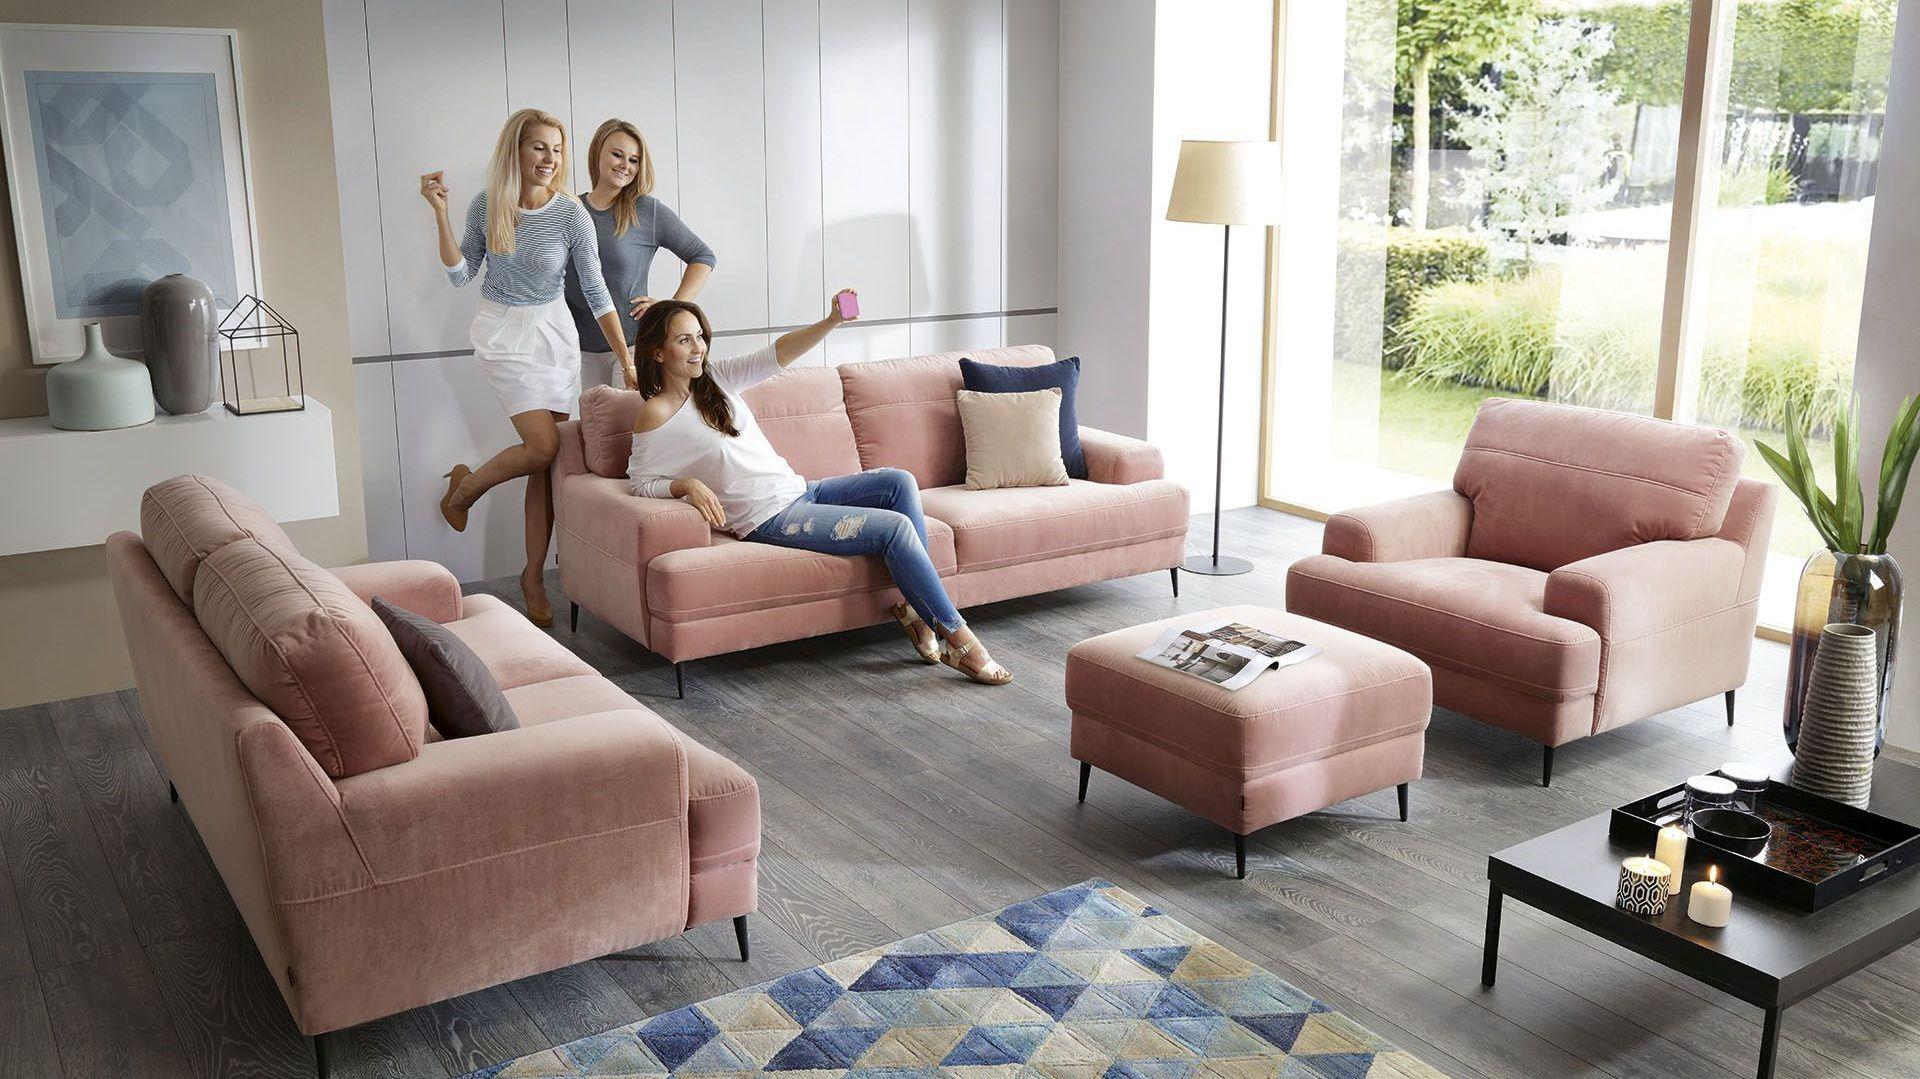 Salon z dwiema sofami i fotelem - to rozwiązanie coraz częściej zastępuje popularny narożnik czy klasyczną kanapę z fotelem. Fot. Gala Collezione